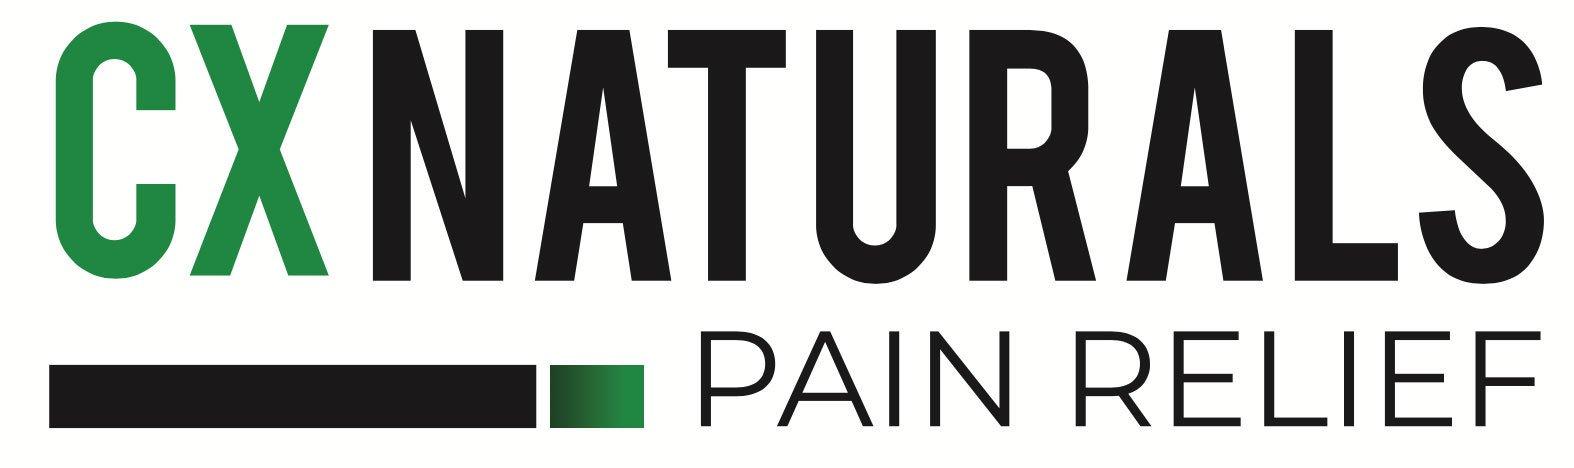 CX Naturals Pain Relief Cream